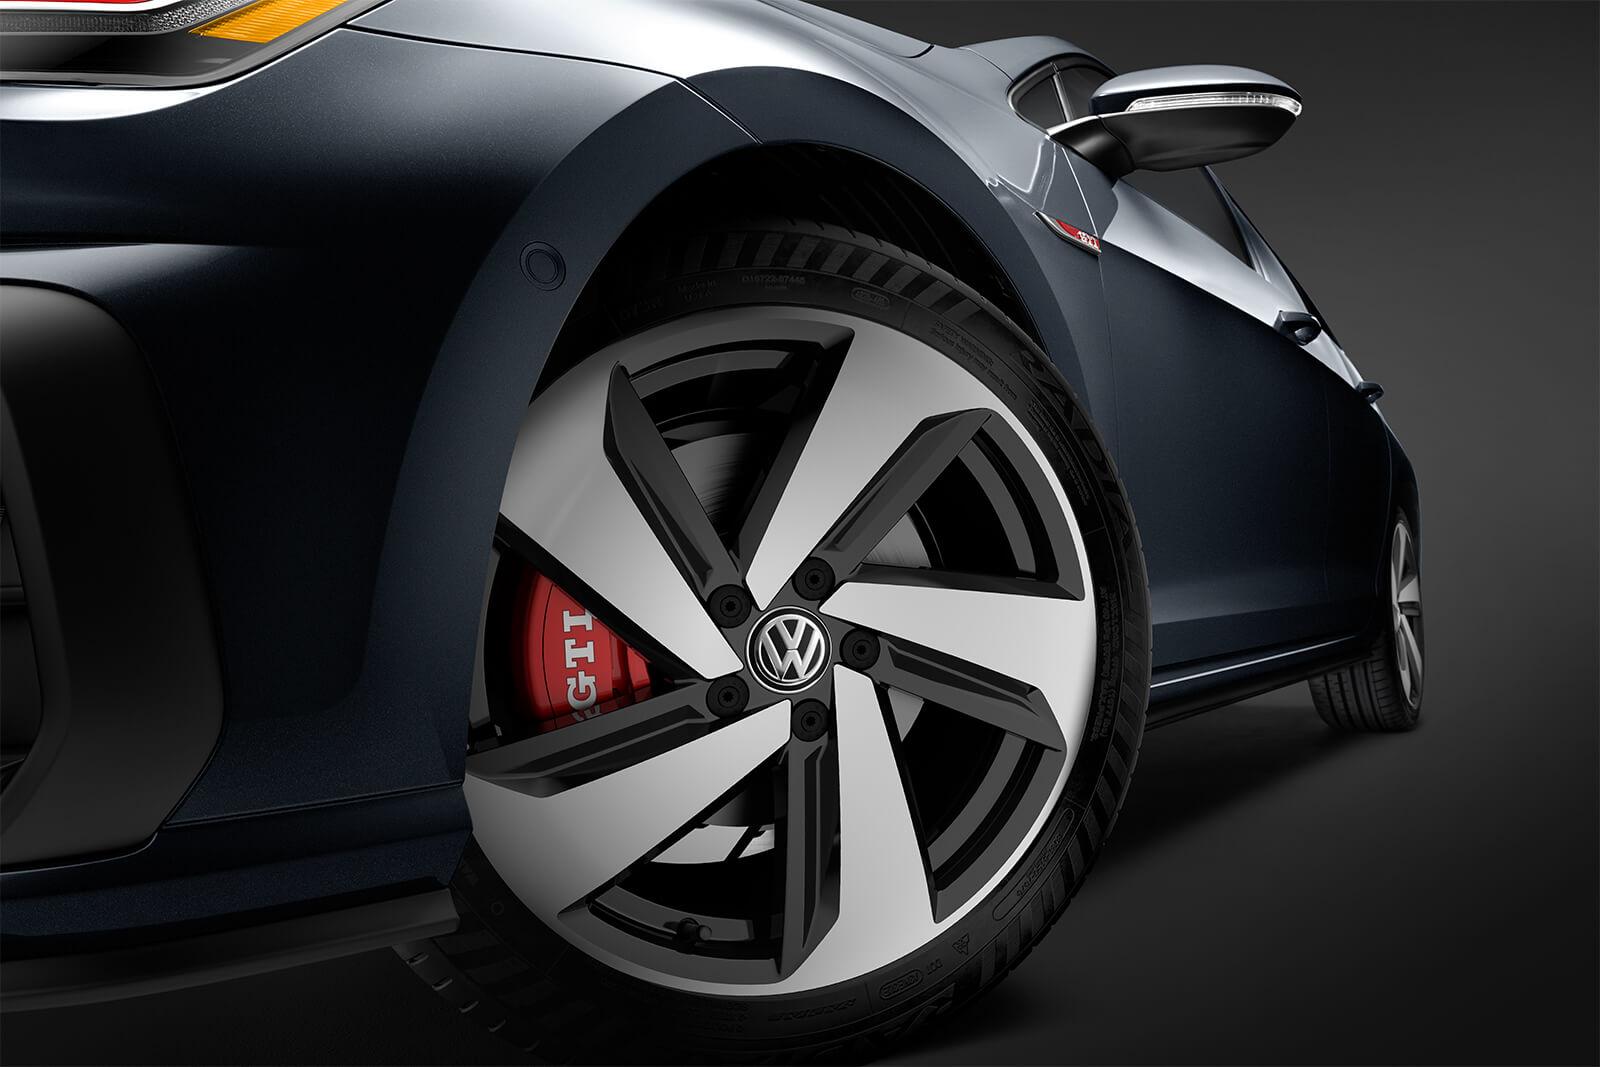 Volkswagen Repair and Maintenance in Brookfield, WI